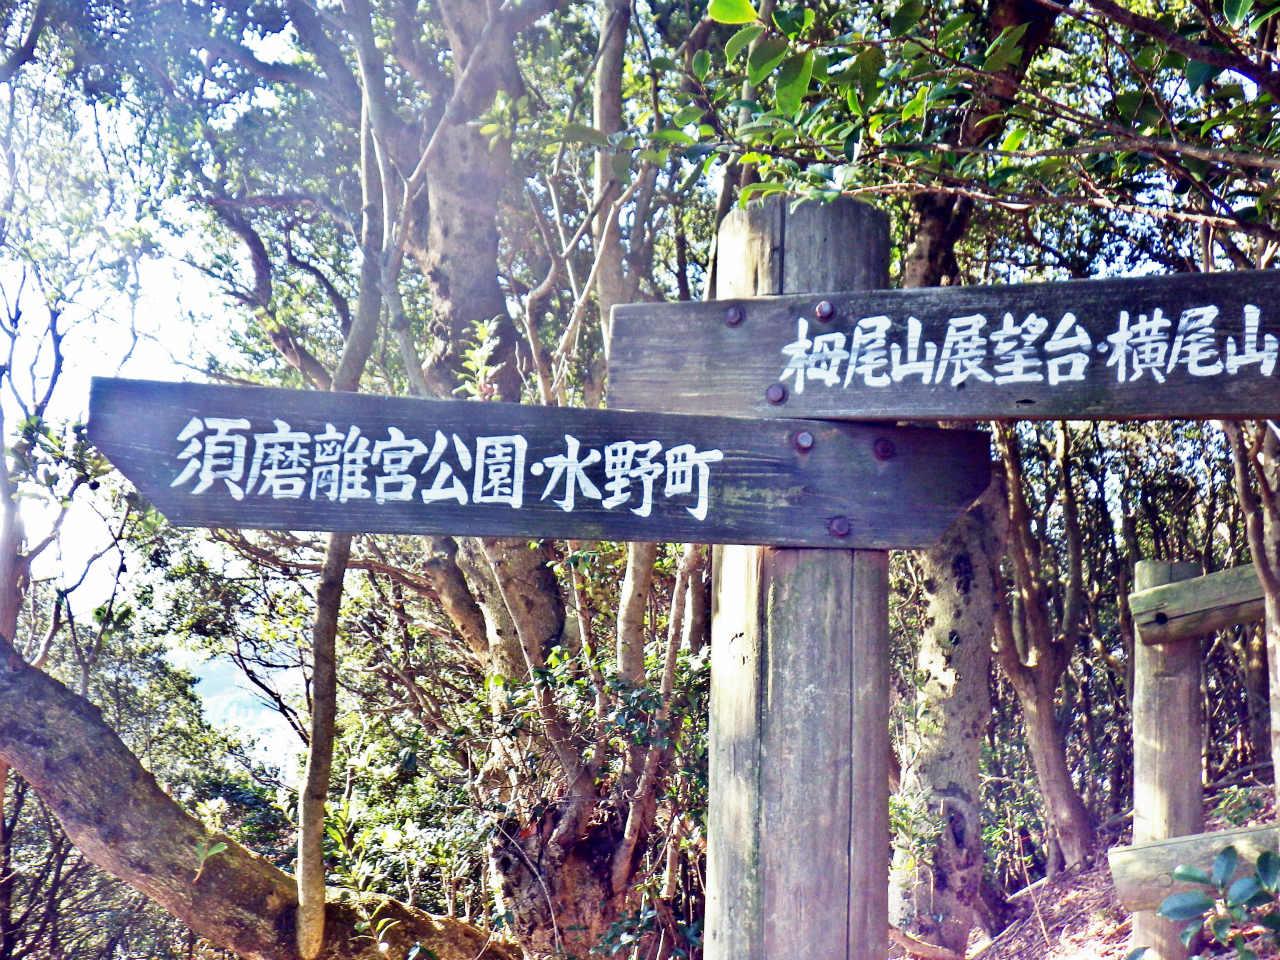 14a 離宮公園・水野町への標識